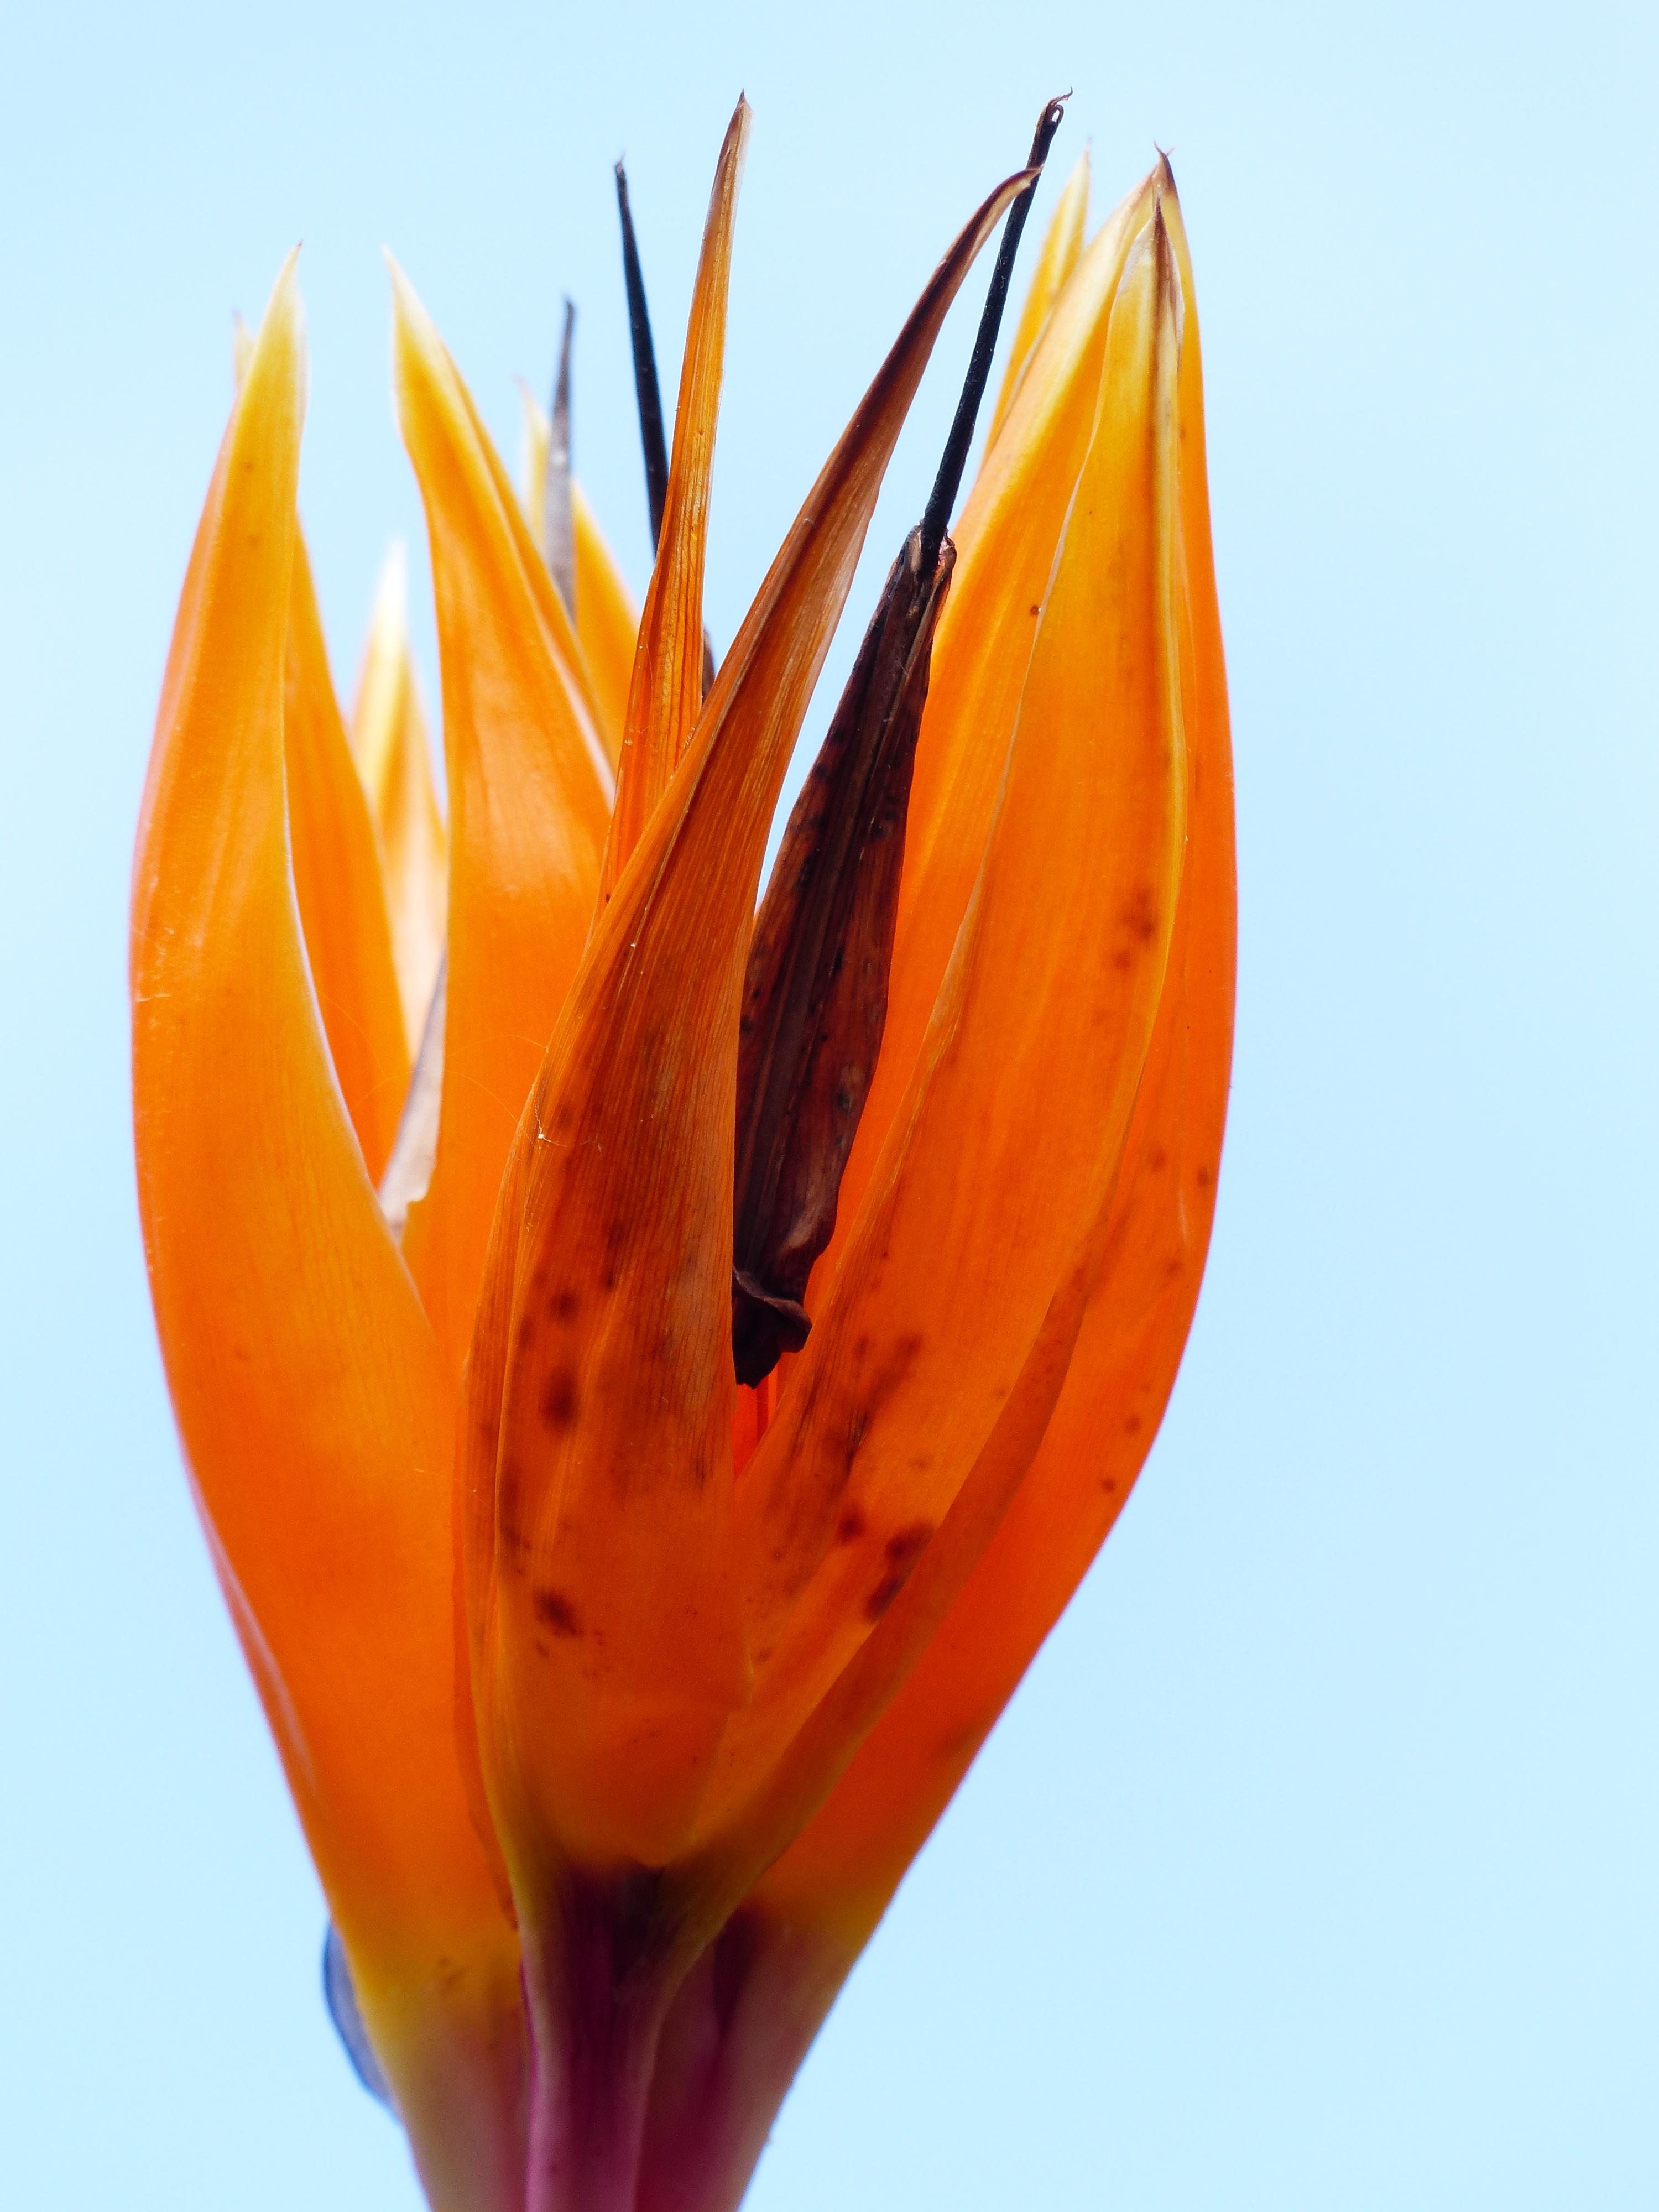 Free Images : blossom, leaf, petal, bloom, tulip, red, color, blue ...